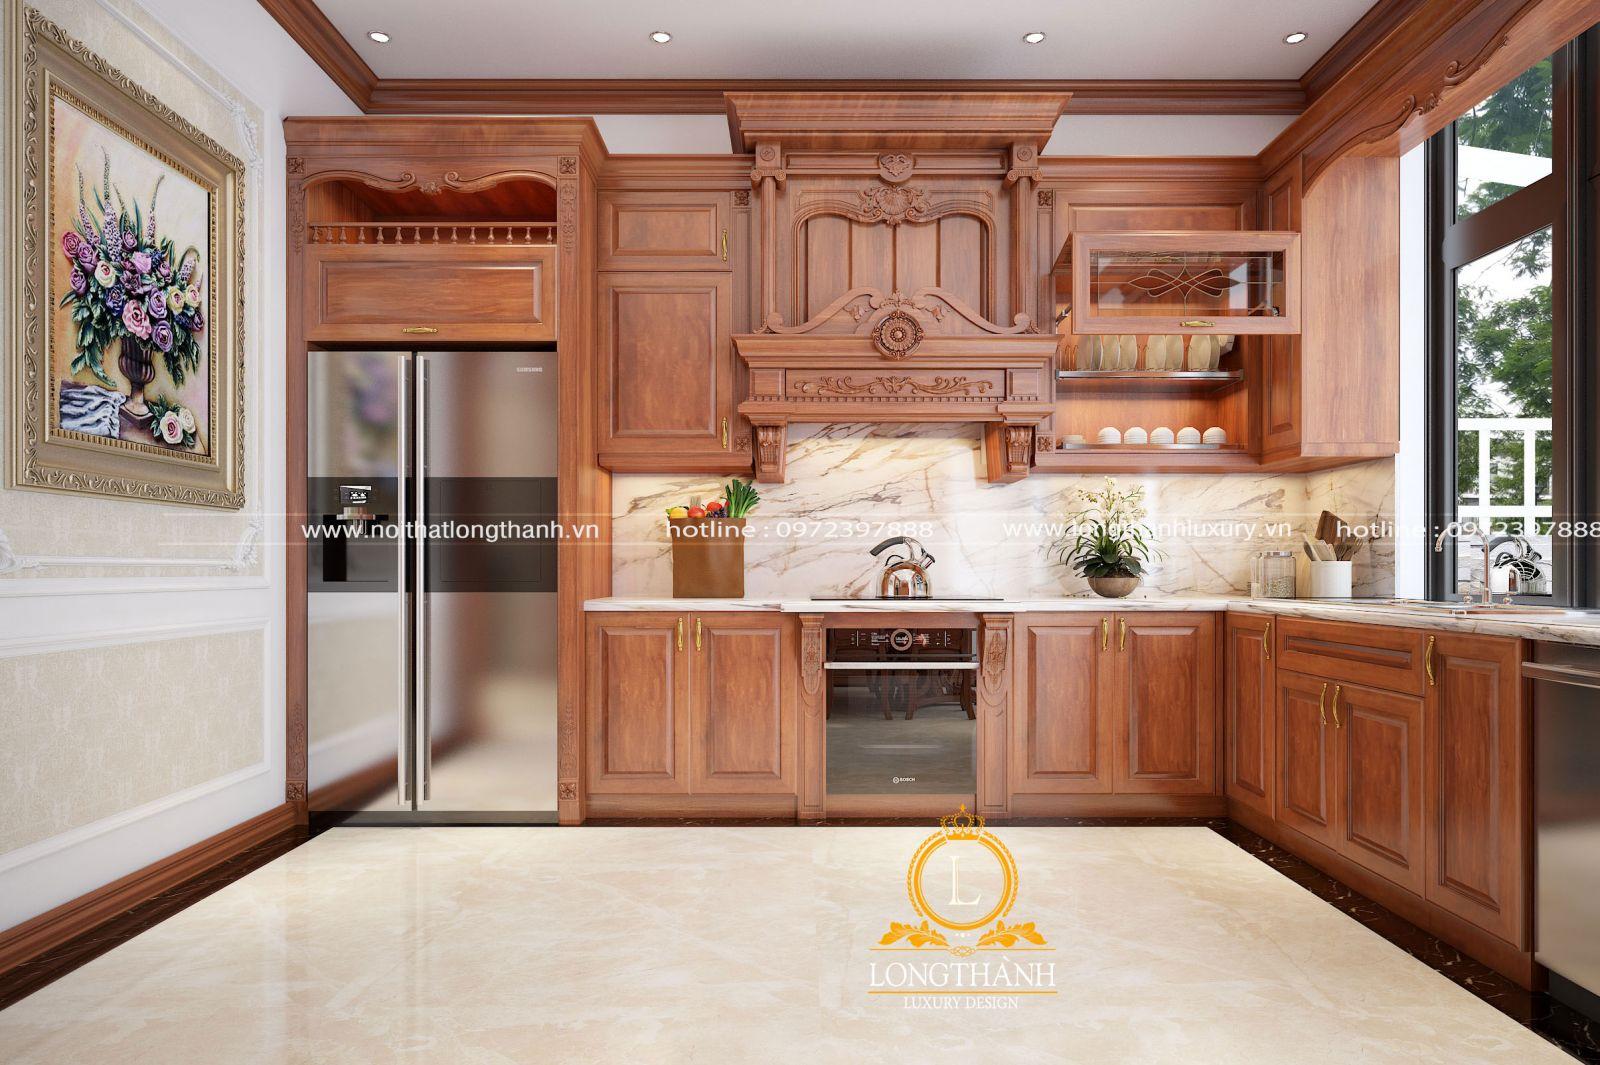 Tủ bếp tân cổ điển gỗ Gõ đỏ cho phòng bếp nhà phố